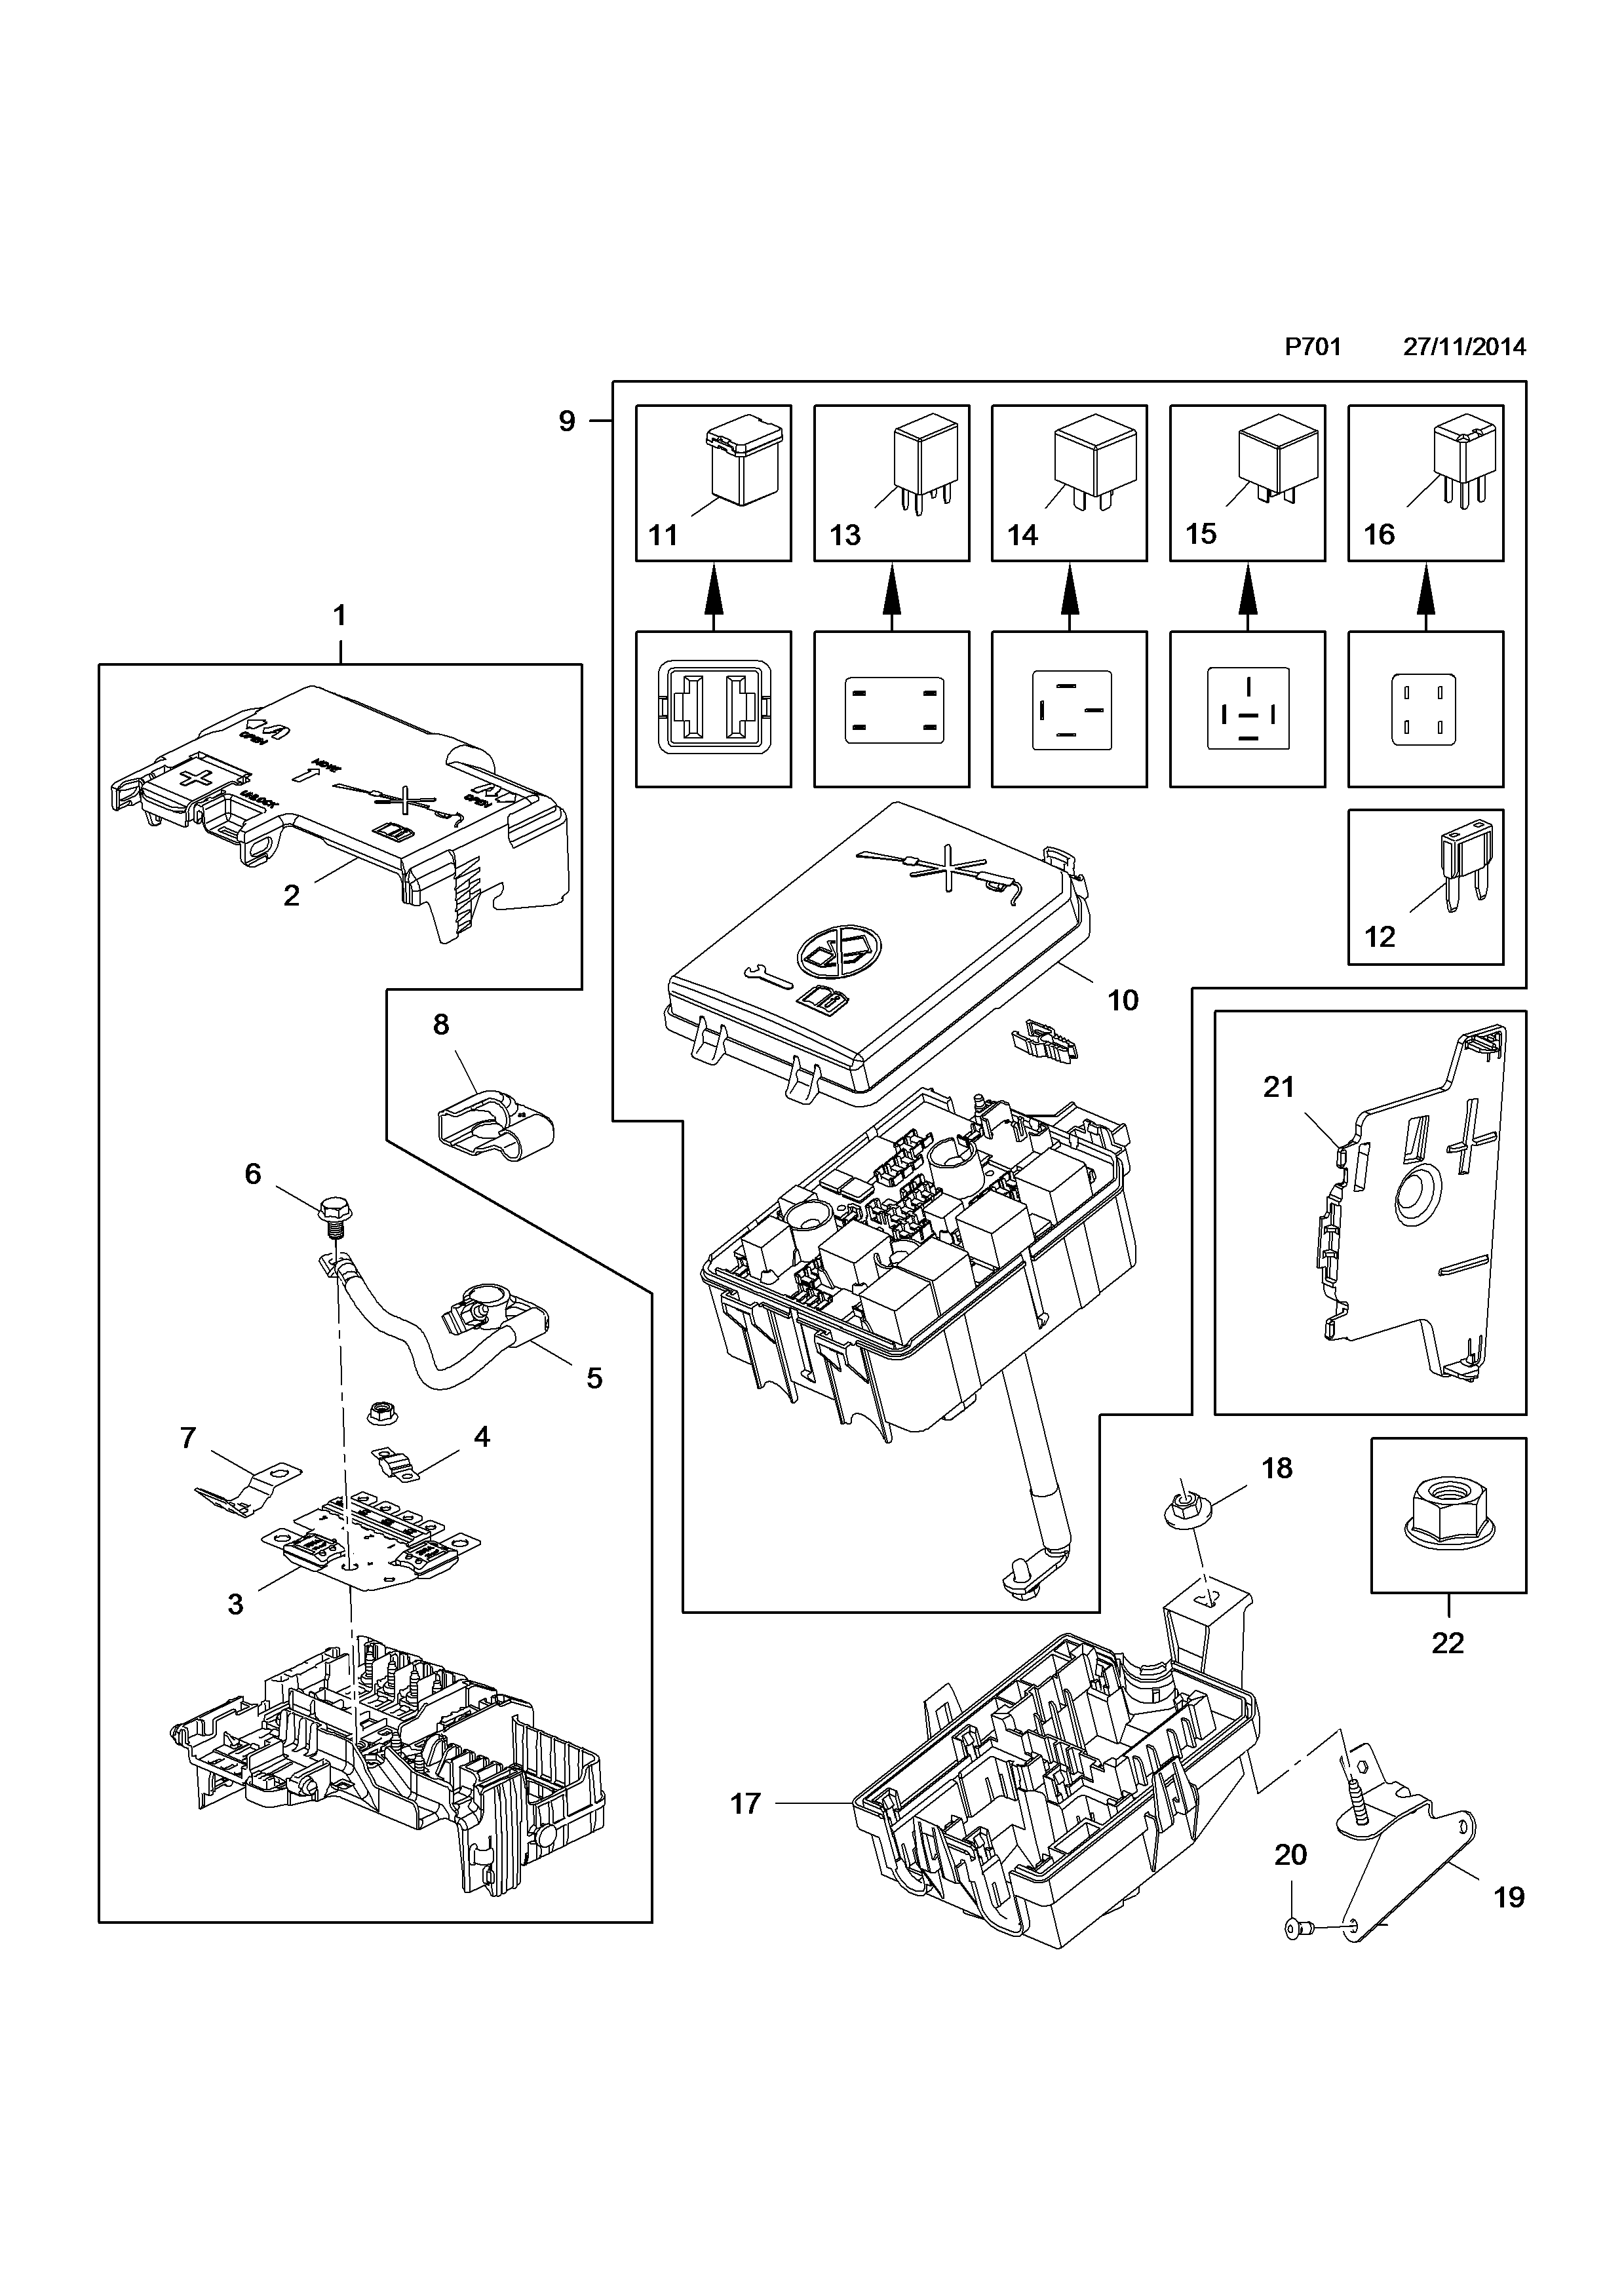 Ford Transit Wiring Diagram Download